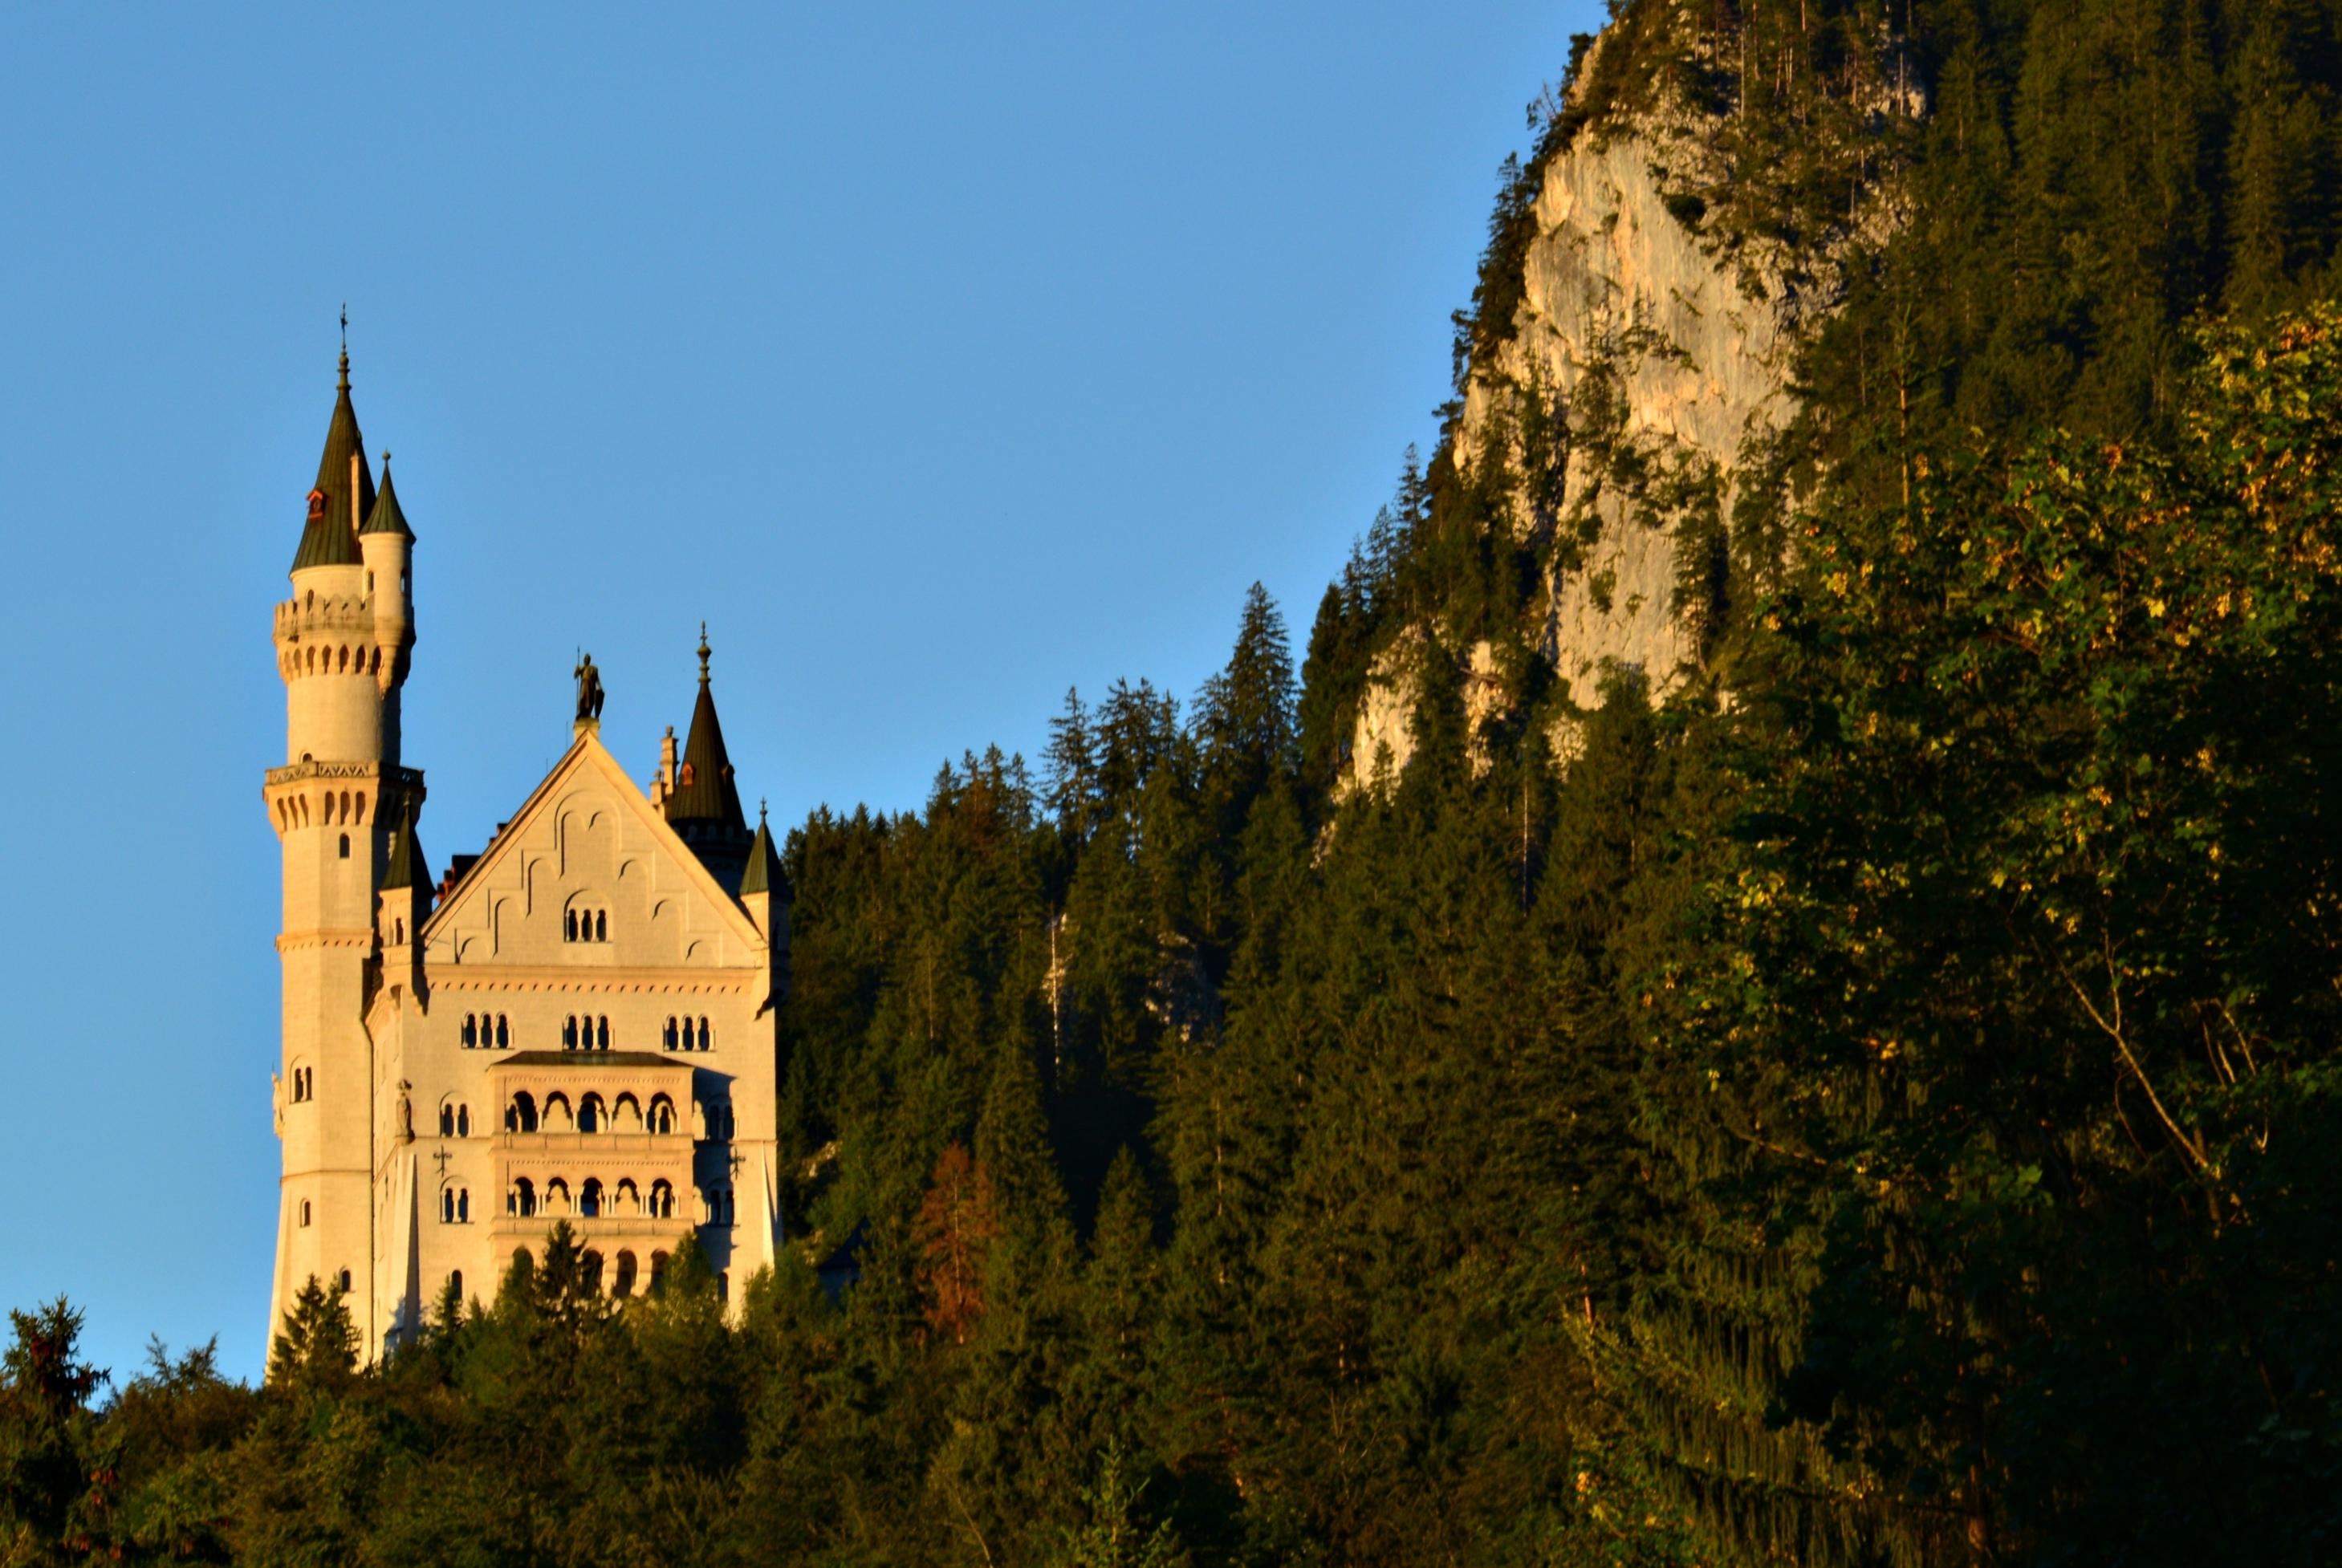 B0101 Schloss Neuschwanstein im Abendlicht.jpg